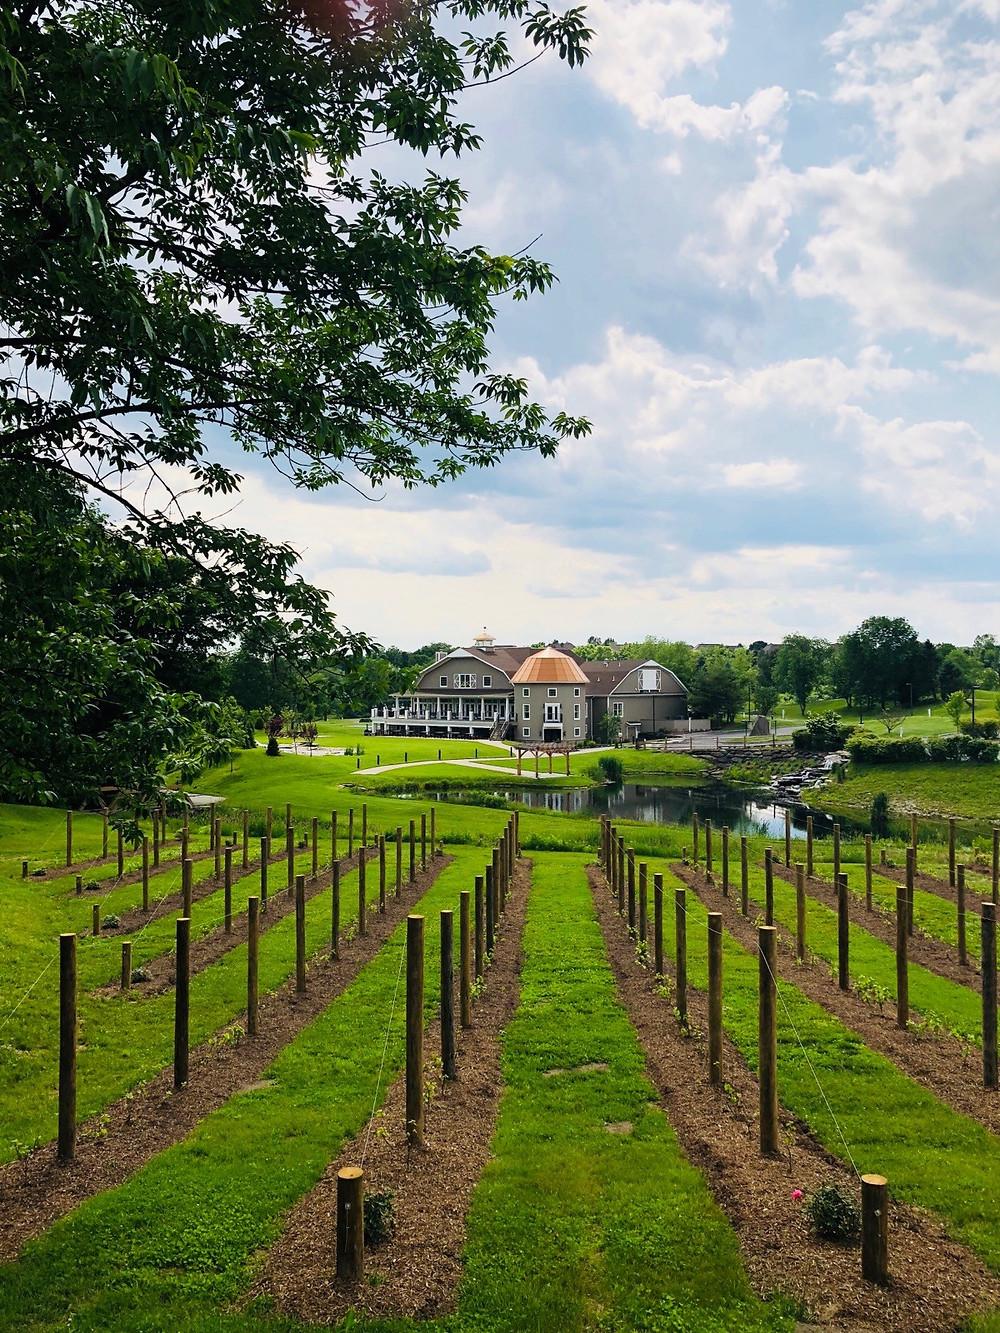 The vineyard at Bear Brook Valley